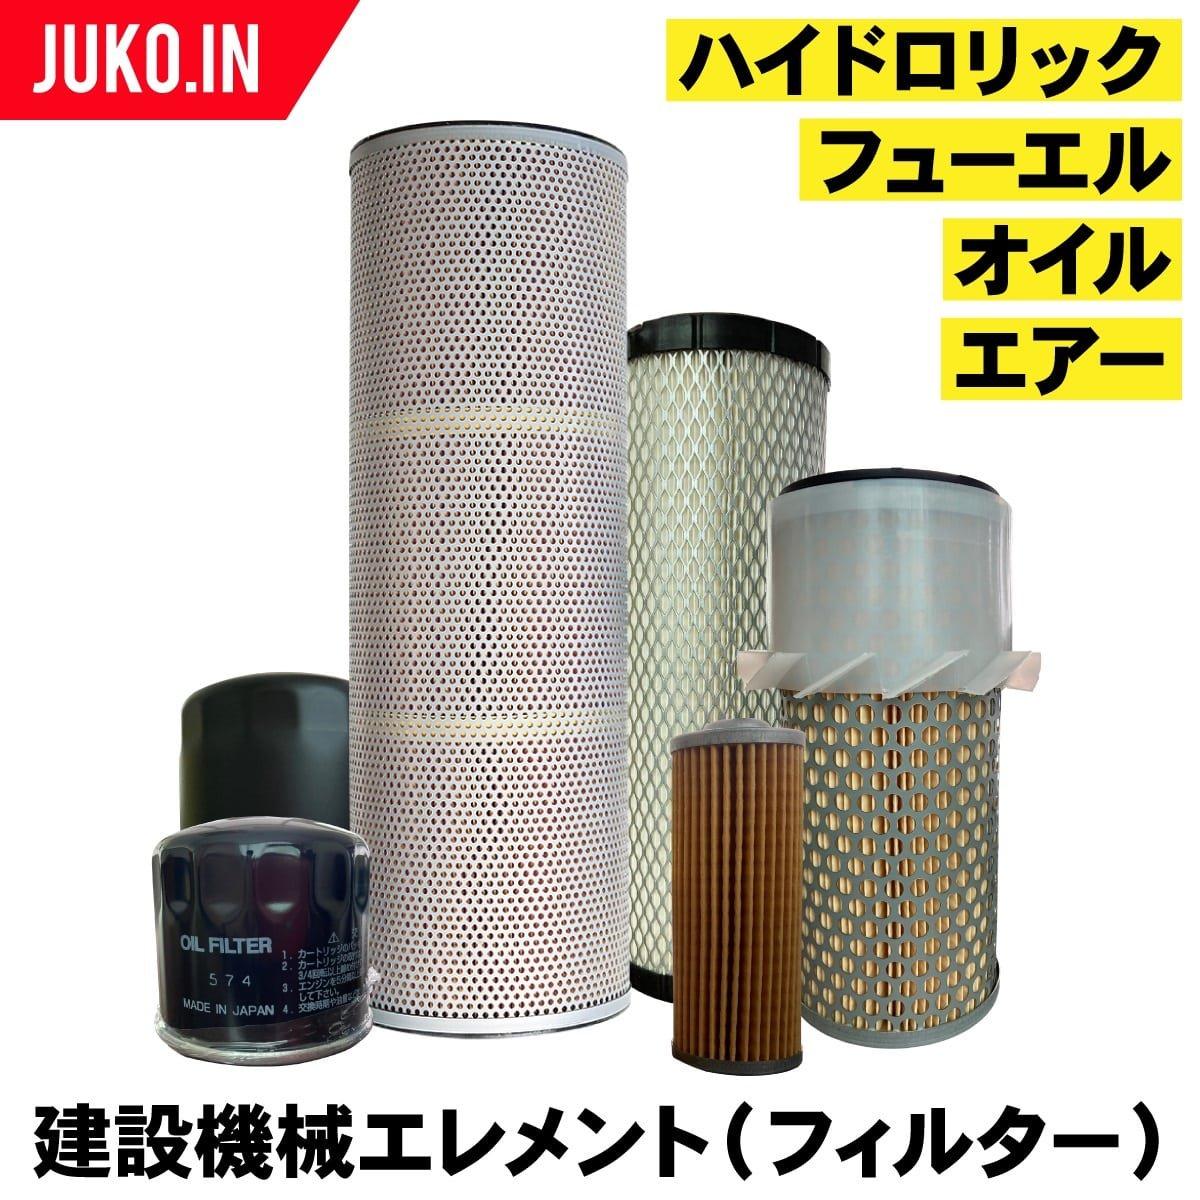 キャタピラージャパン ミニバックホー MXR30 オイルエレメントO-670